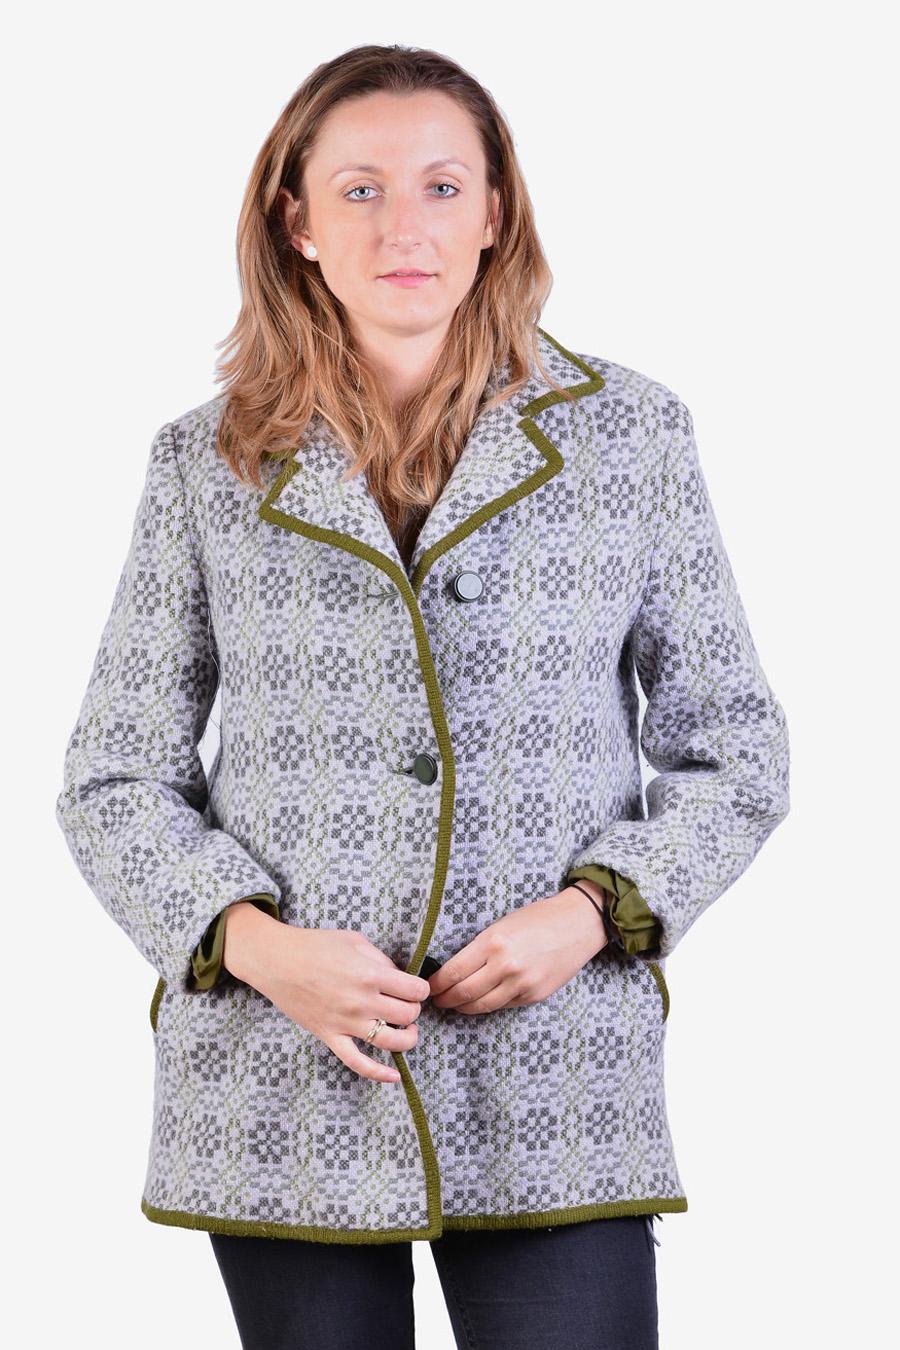 Vintage women's 1960's coat